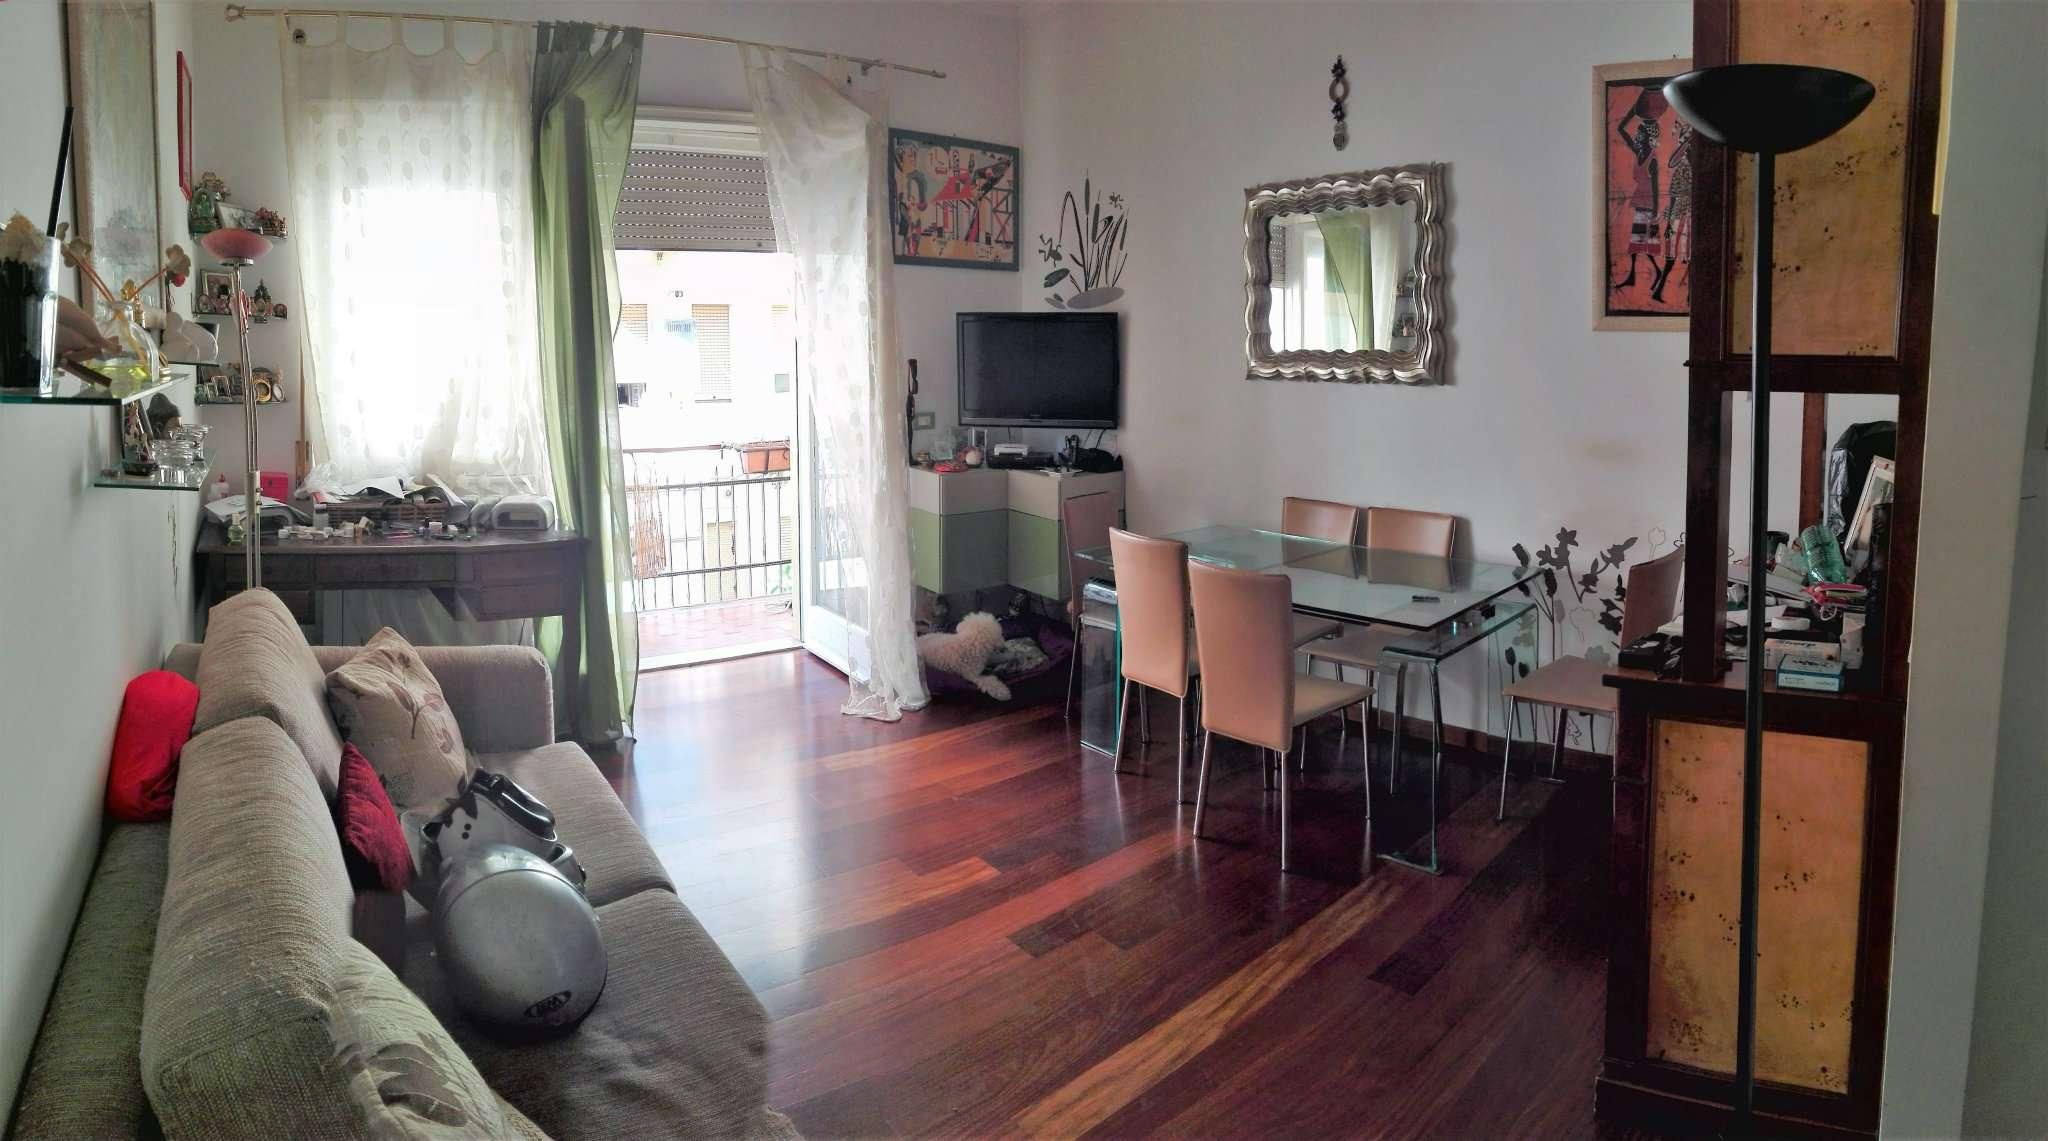 Appartamento in vendita 3 vani 95 mq.  via andreotto saracini Roma